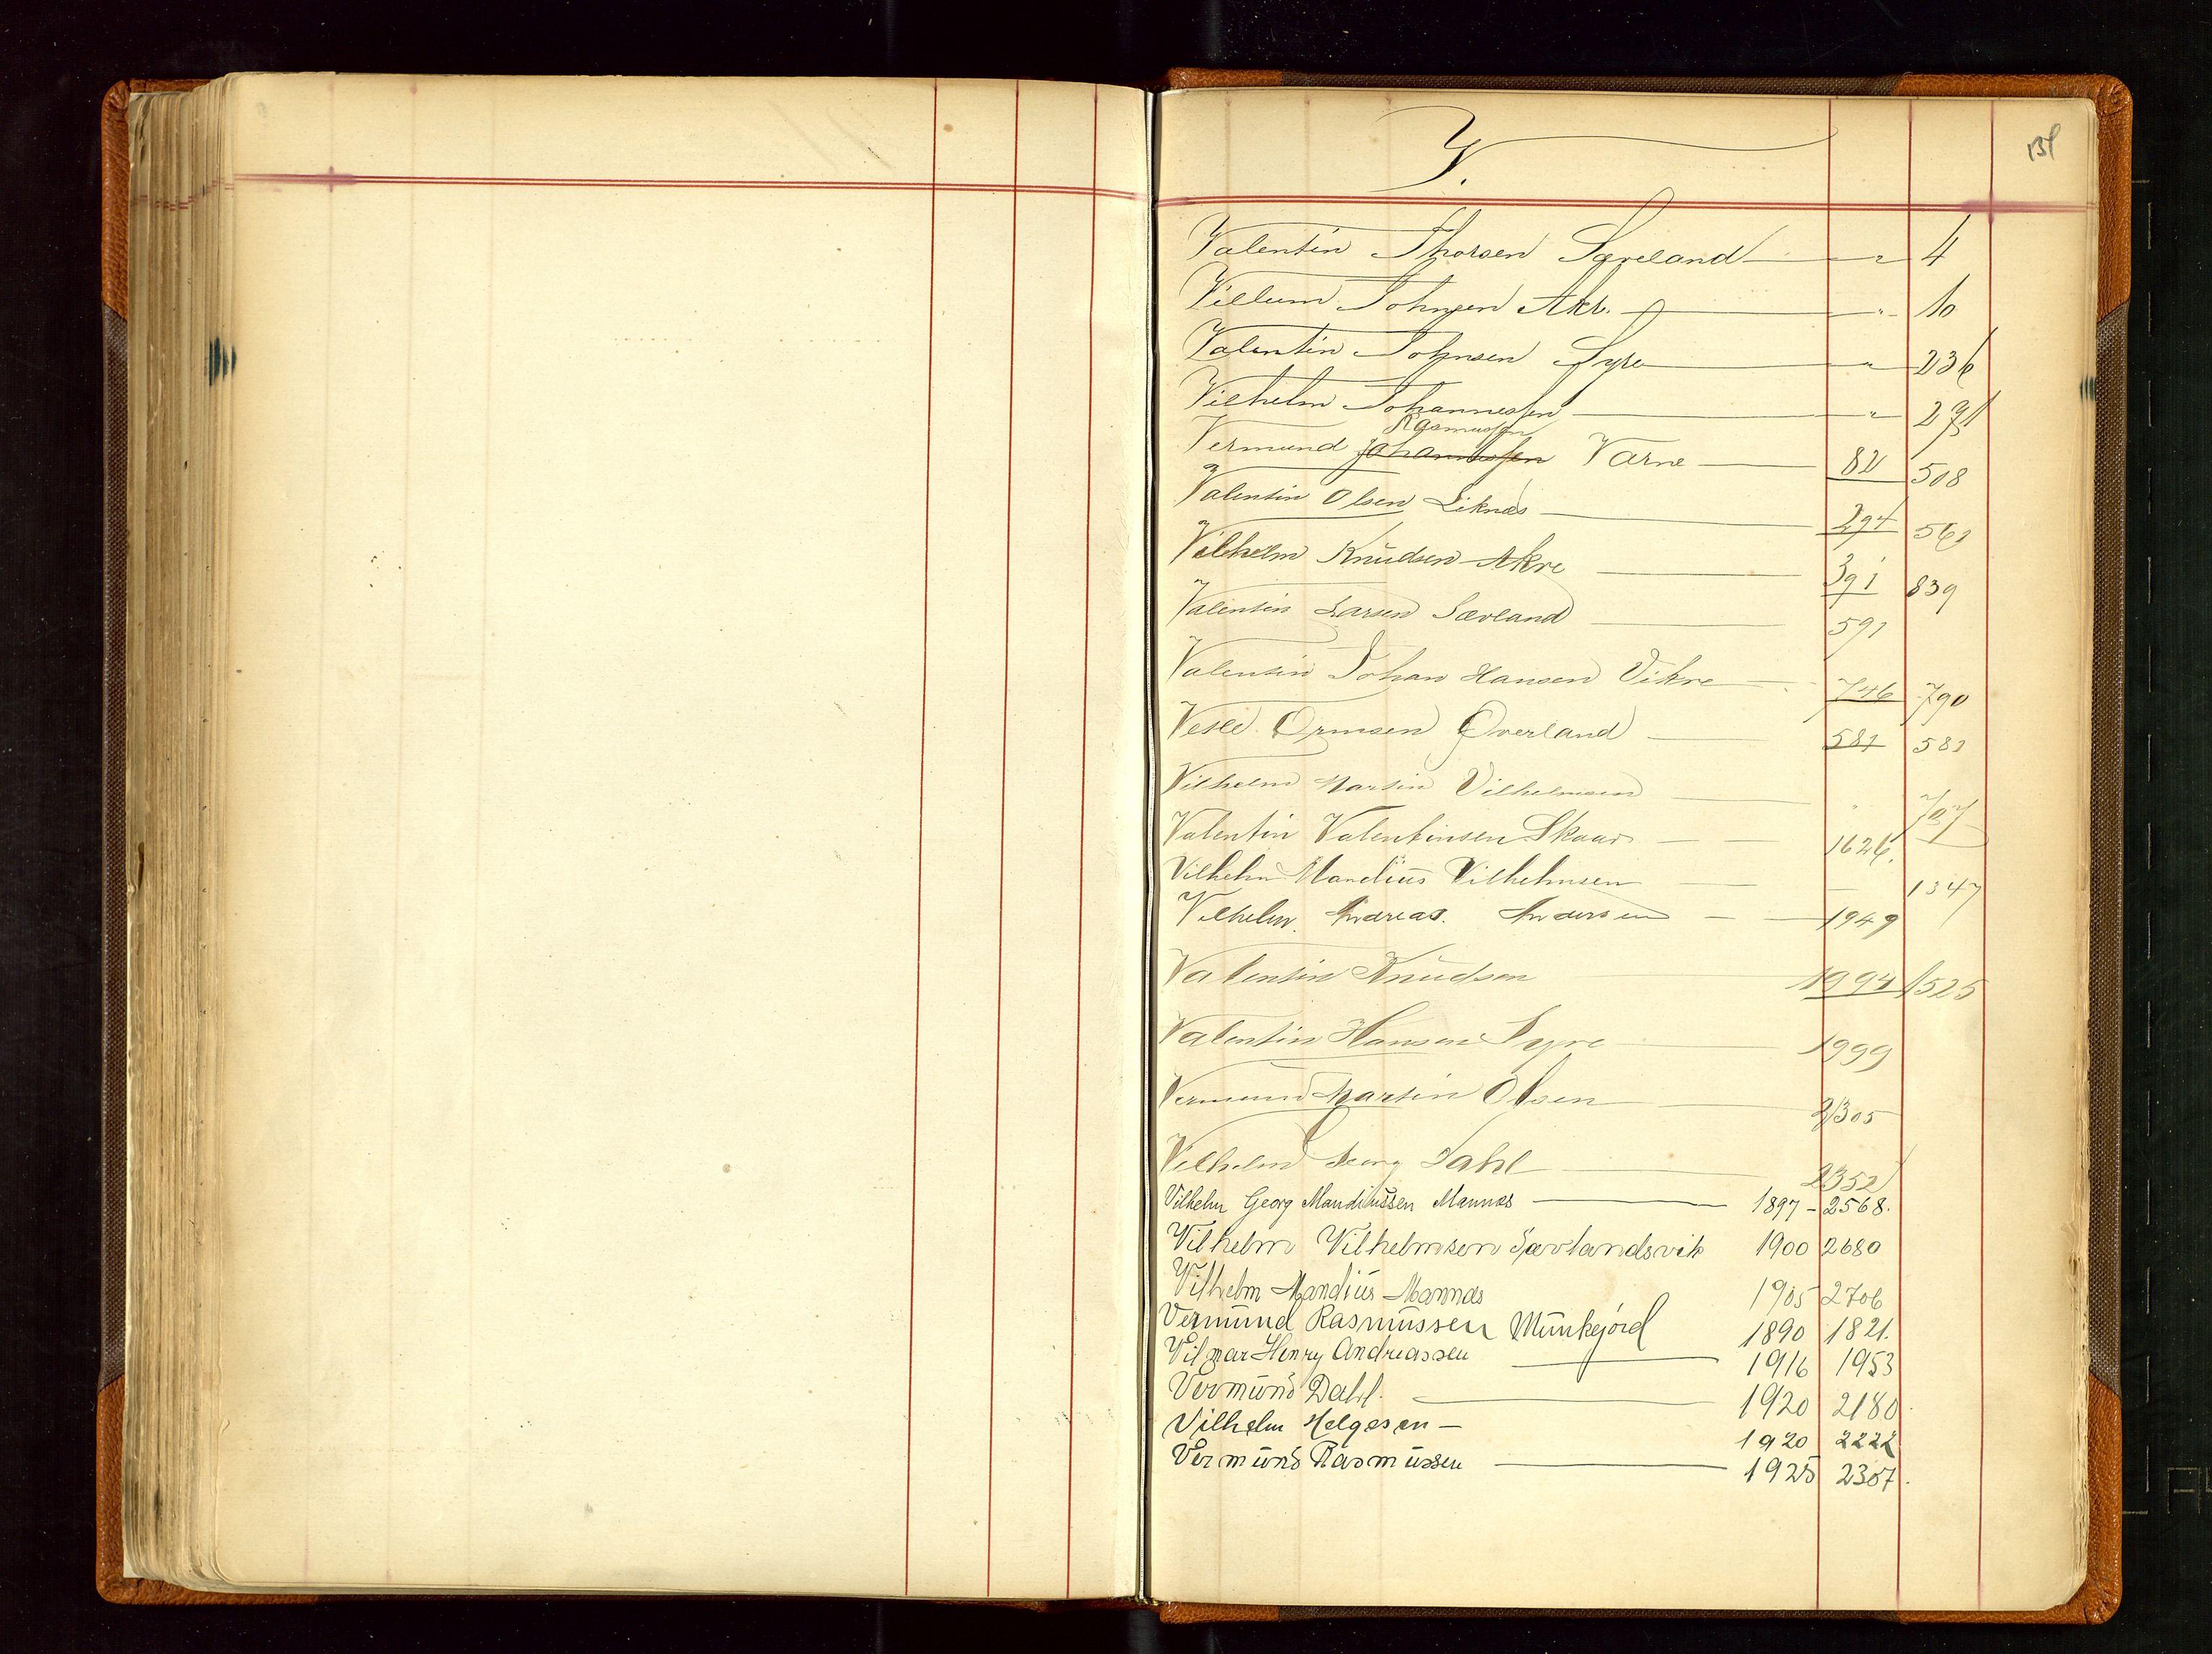 SAST, Haugesund sjømannskontor, F/Fb/Fba/L0001: Navneregister med henvisning til rullenr (Fornavn) Skudenes krets, 1860-1948, s. 134